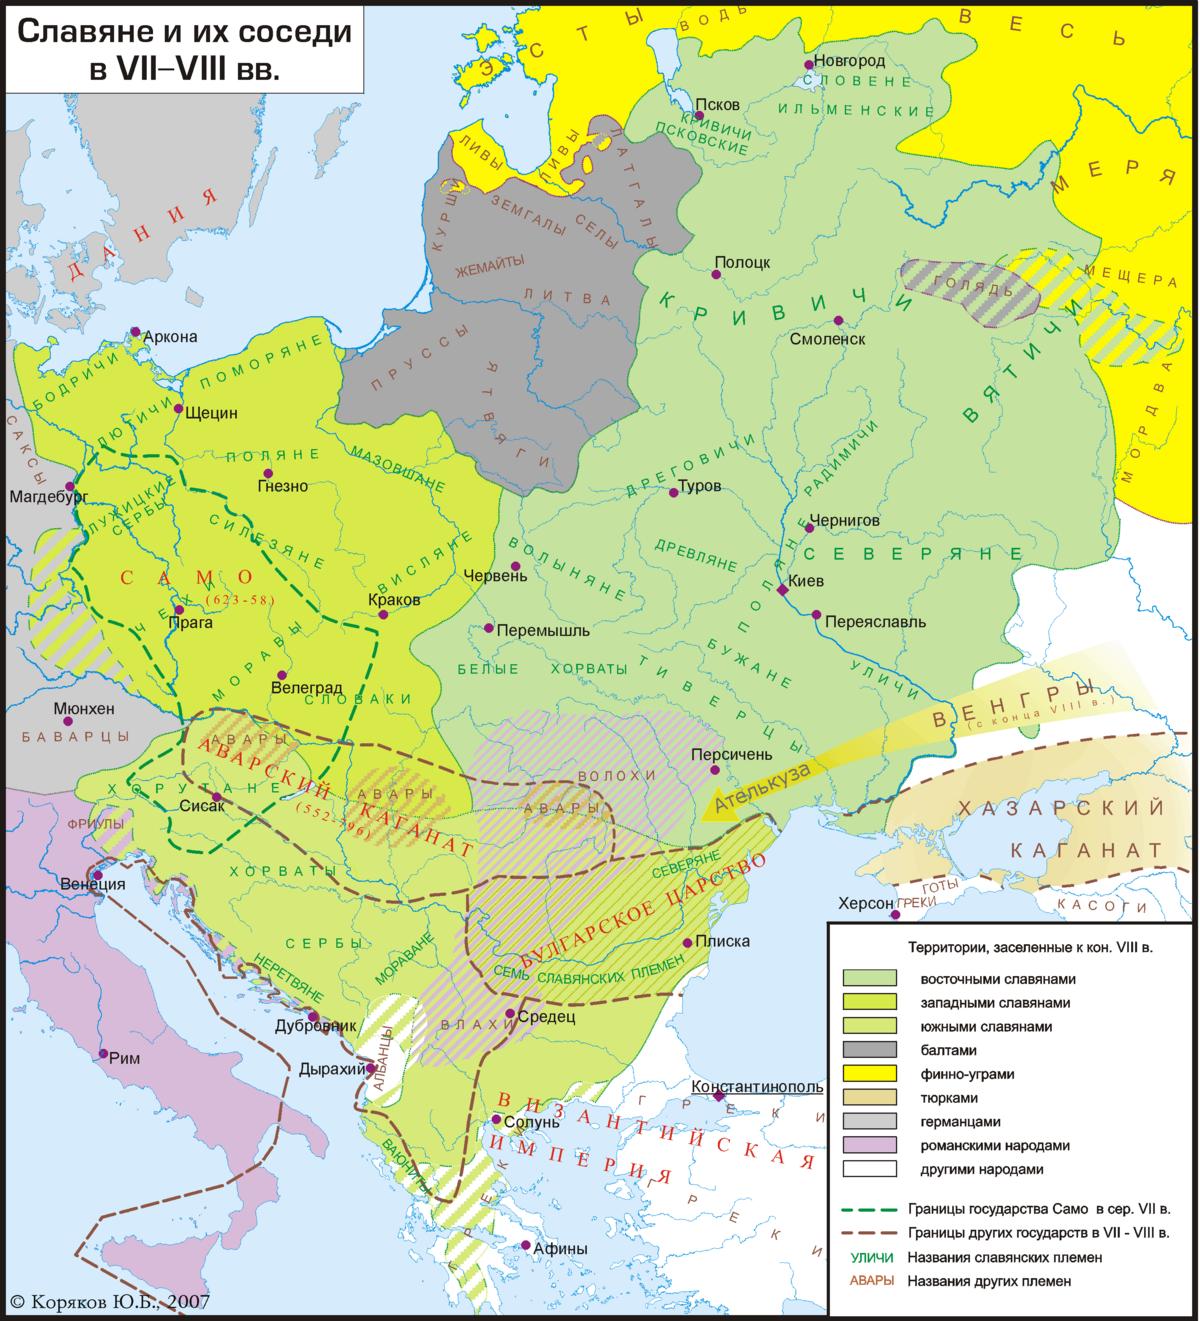 https://upload.wikimedia.org/wikipedia/commons/thumb/0/0e/Slav-7-8-obrez.png/1200px-Slav-7-8-obrez.png